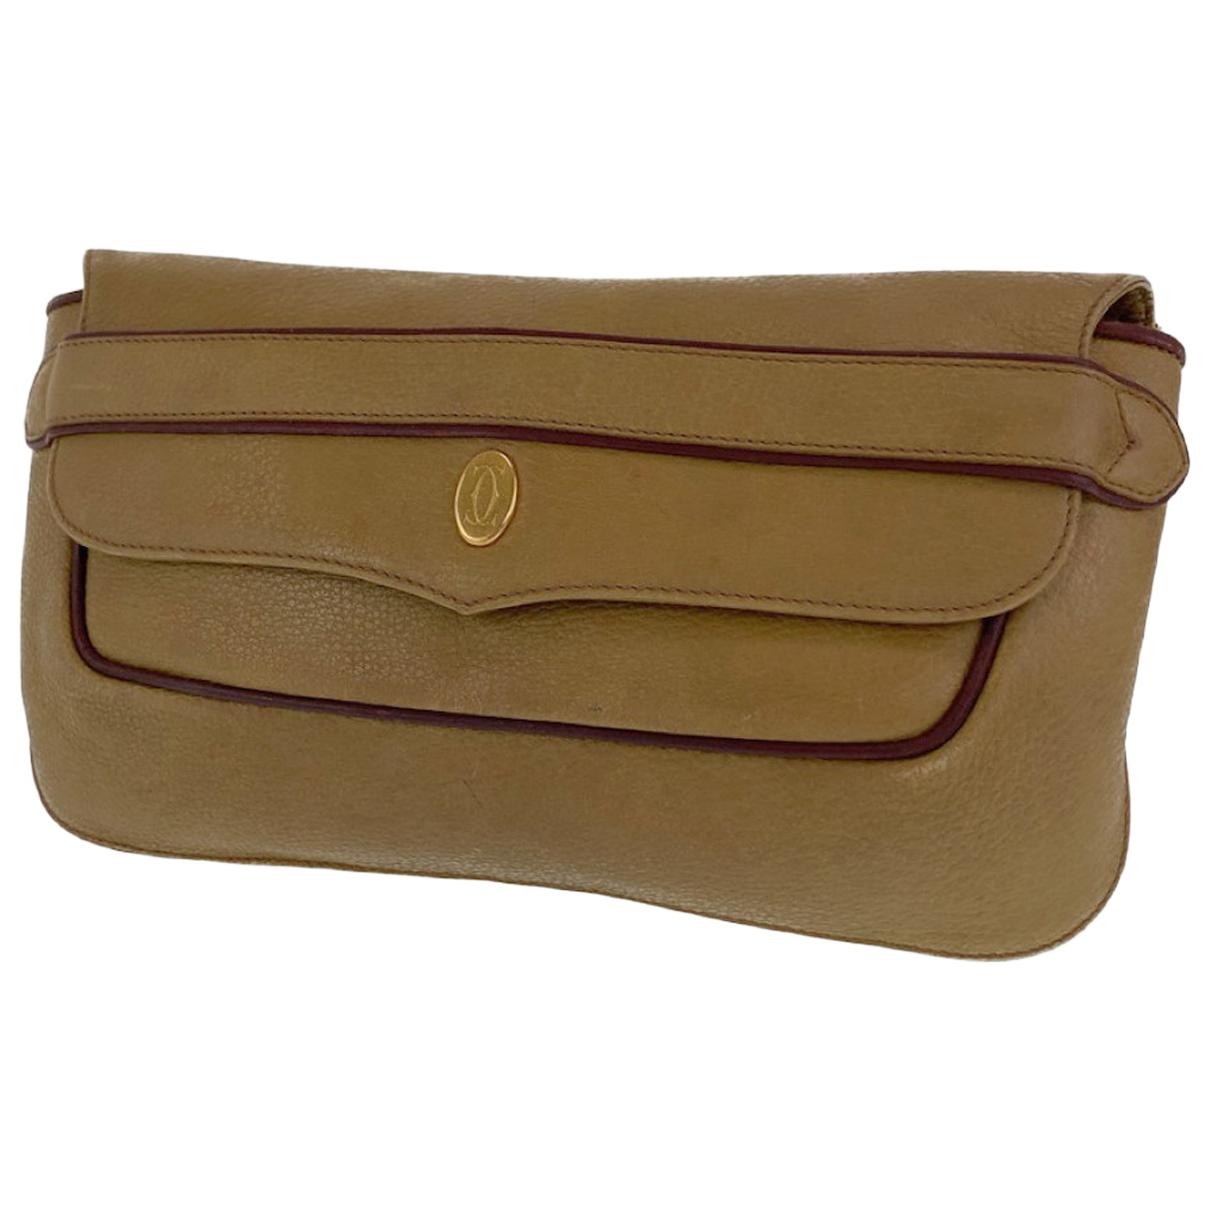 Cartier - Sac a main   pour femme en cuir